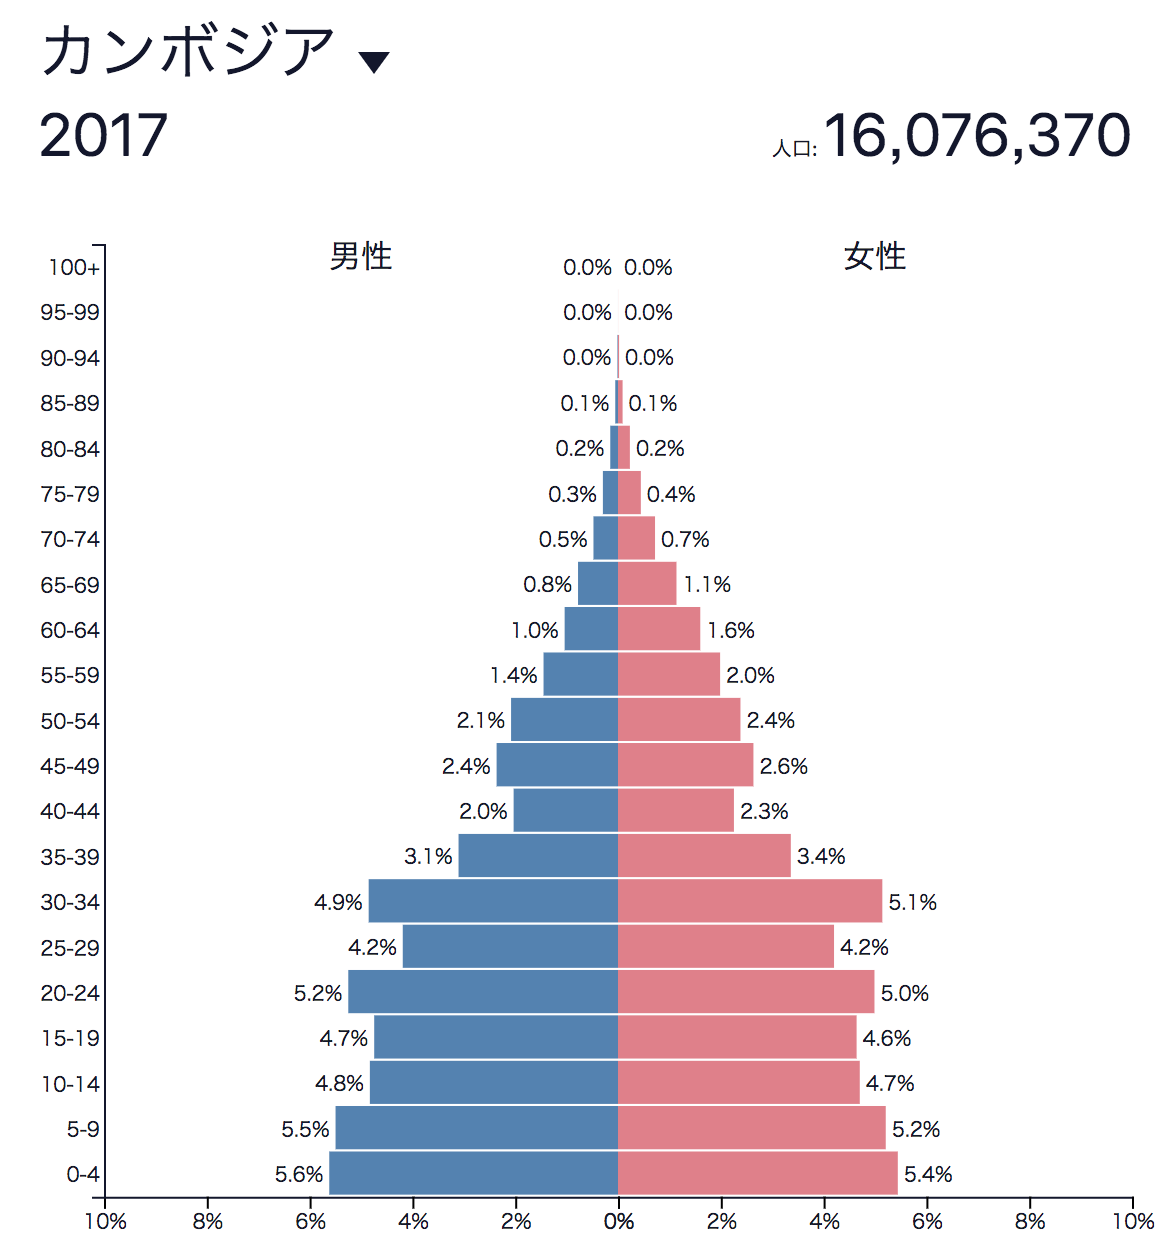 カンボジア人口ピラミッド